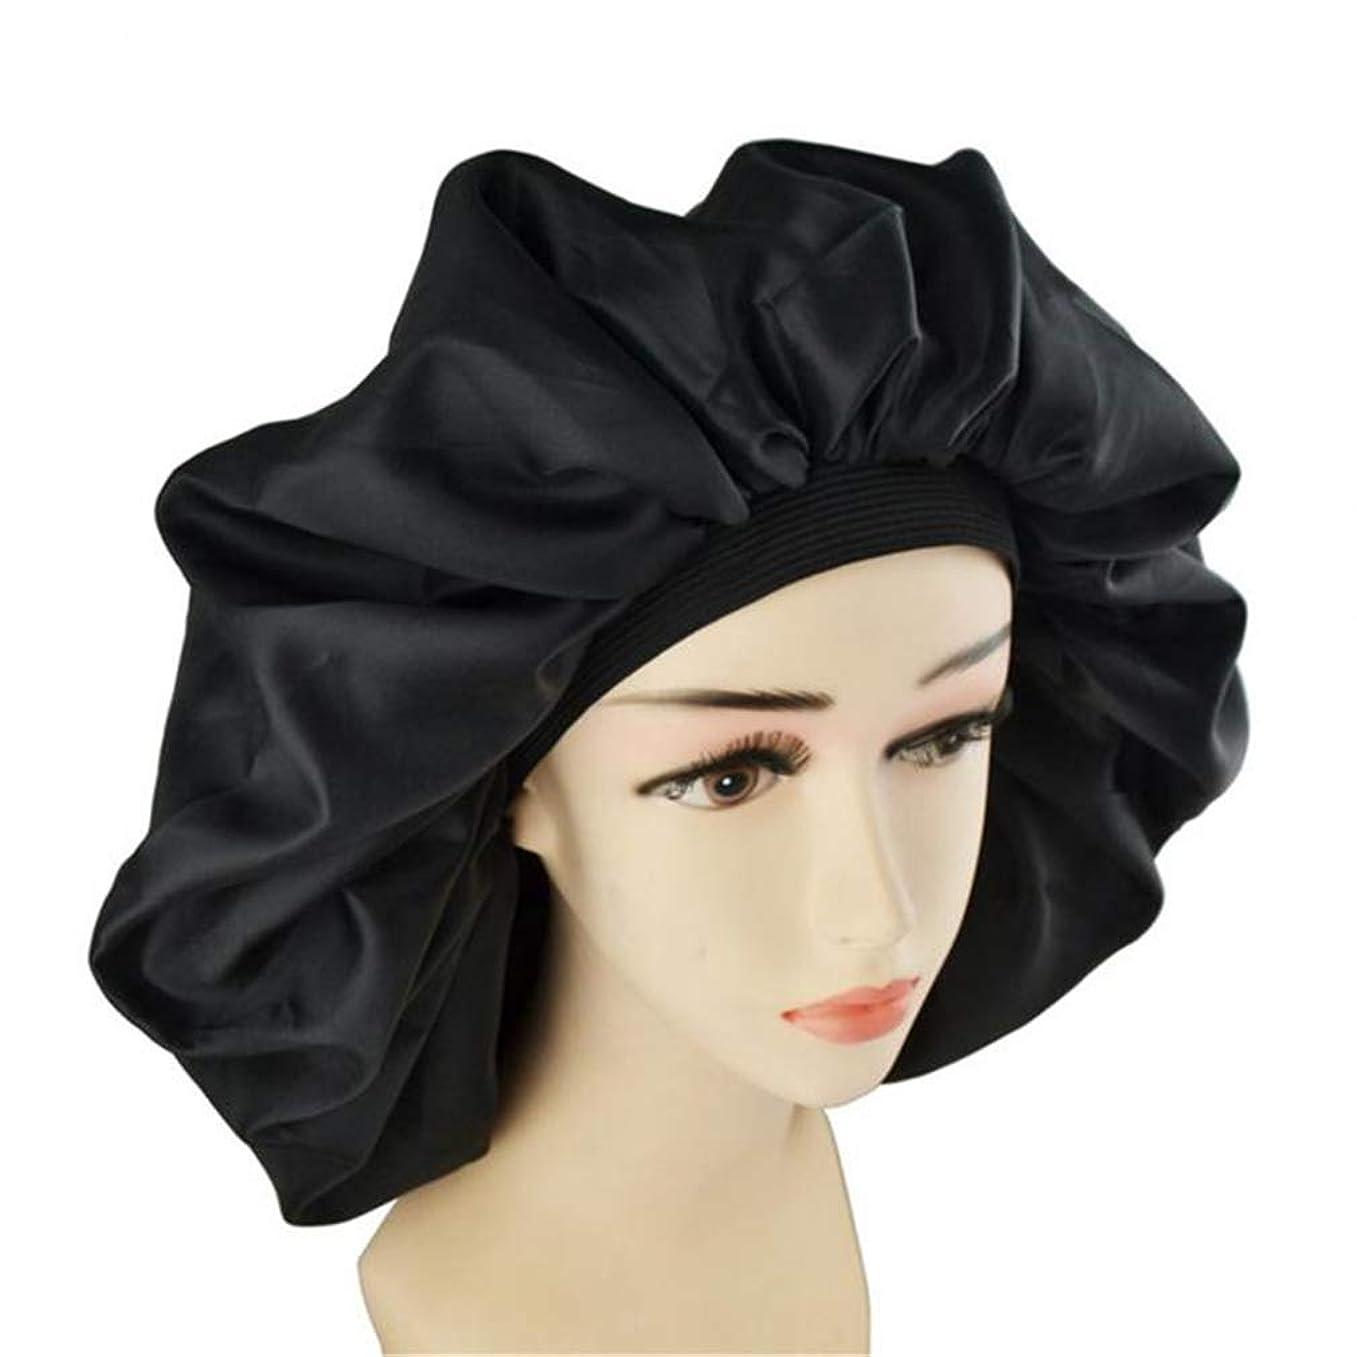 衣服冒険者垂直LUXWELL(ラクスウェル)シャワーキャップ ヘアキャップ ヘアーターバン 入浴キャップ 帽子 お風呂、シャワー用 浴用帽子 便利 女性 弾性 防水 入浴 シャワーキャップ 再使用可能 保護